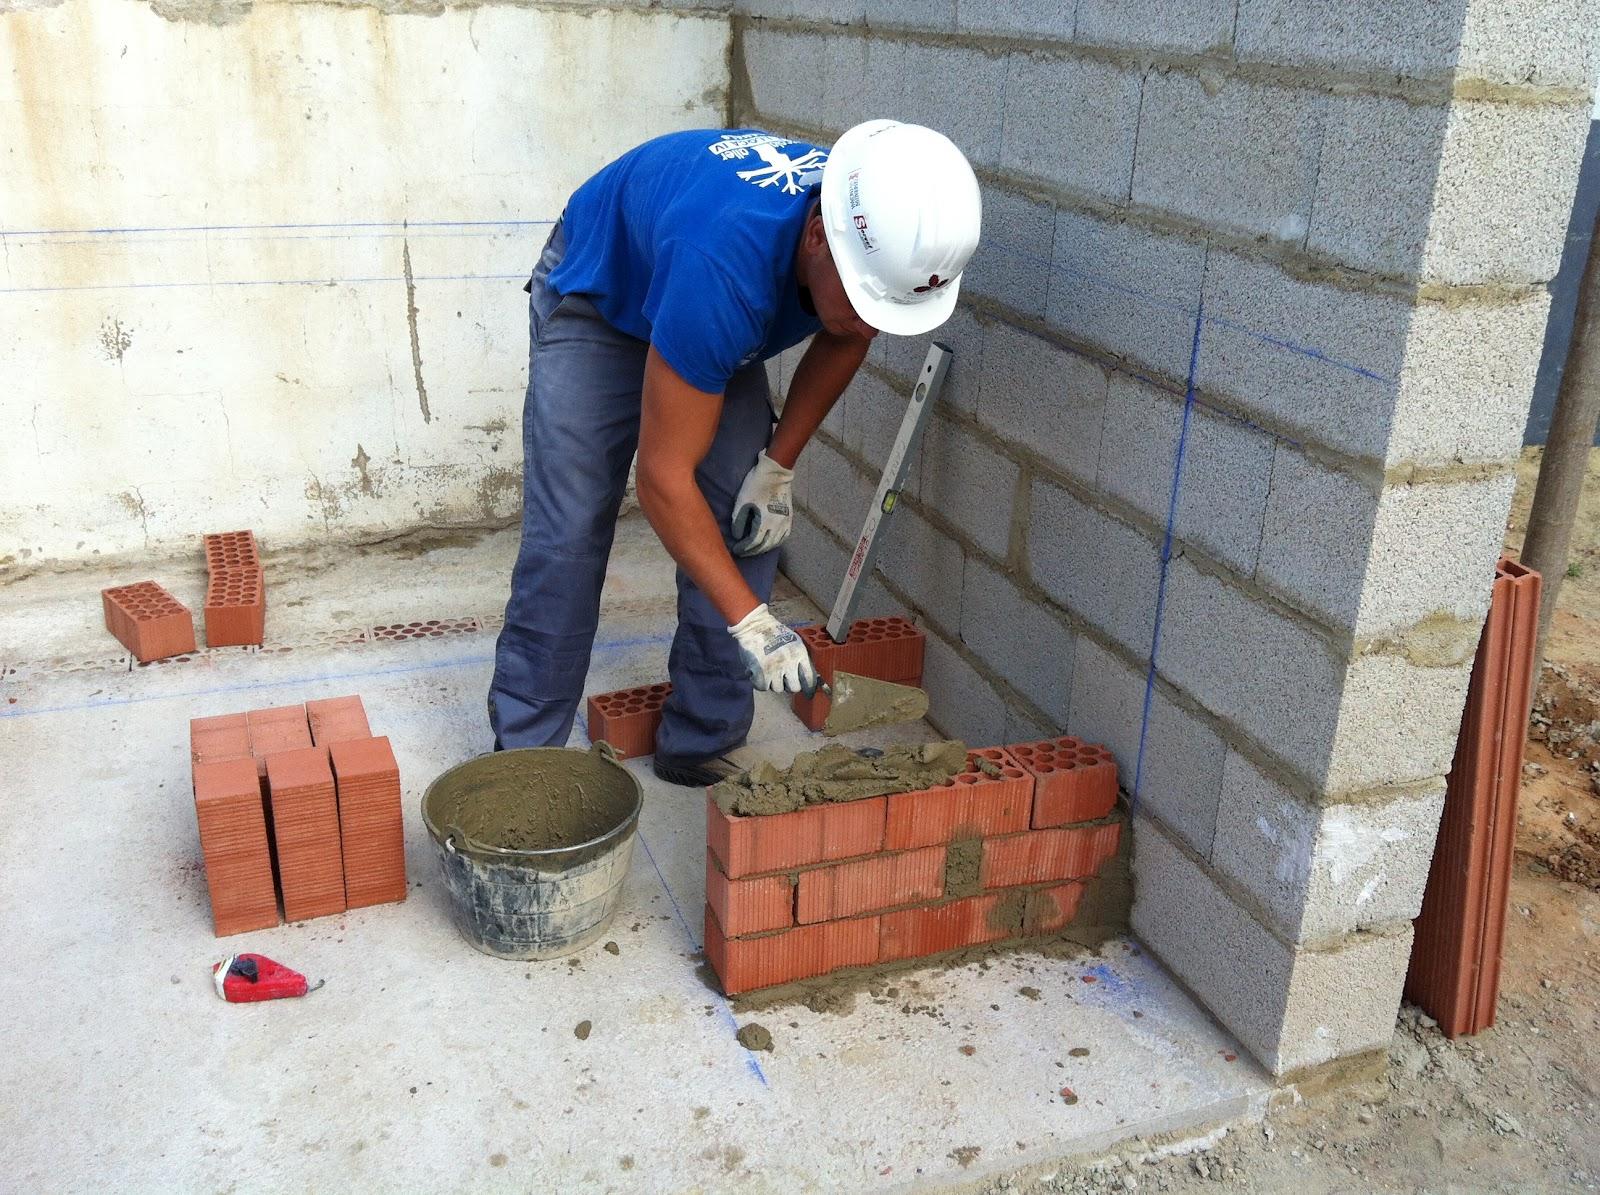 Practicas de construcci n de barbacoa escuela taller la - Construccion barbacoa ...